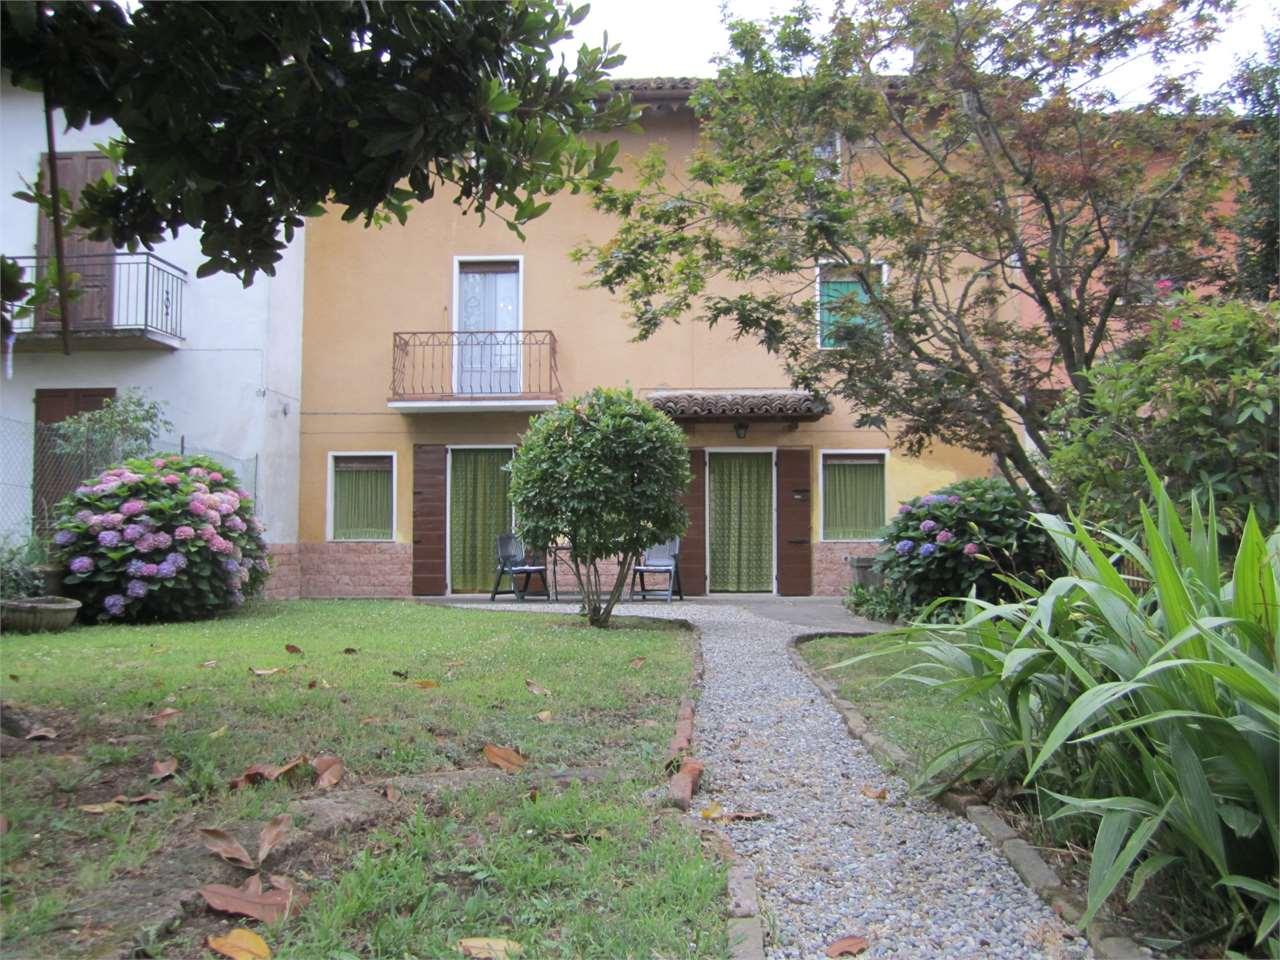 Soluzione Indipendente in vendita a Credera Rubbiano, 7 locali, zona Zona: Rovereto, prezzo € 135.000 | Cambio Casa.it